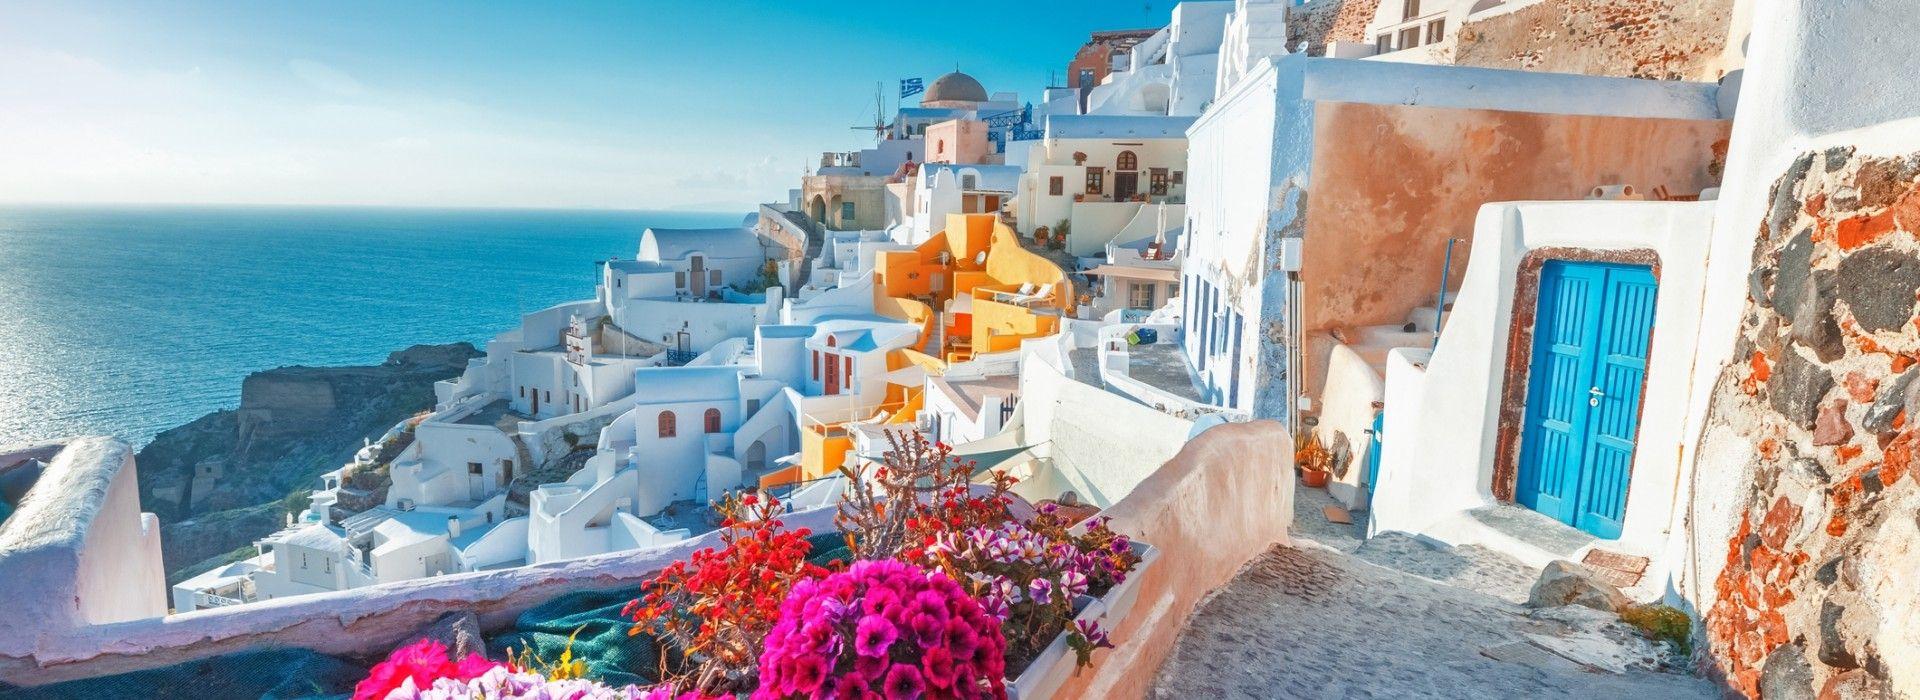 Natural landmarks sightseeing Tours in Mediterranean